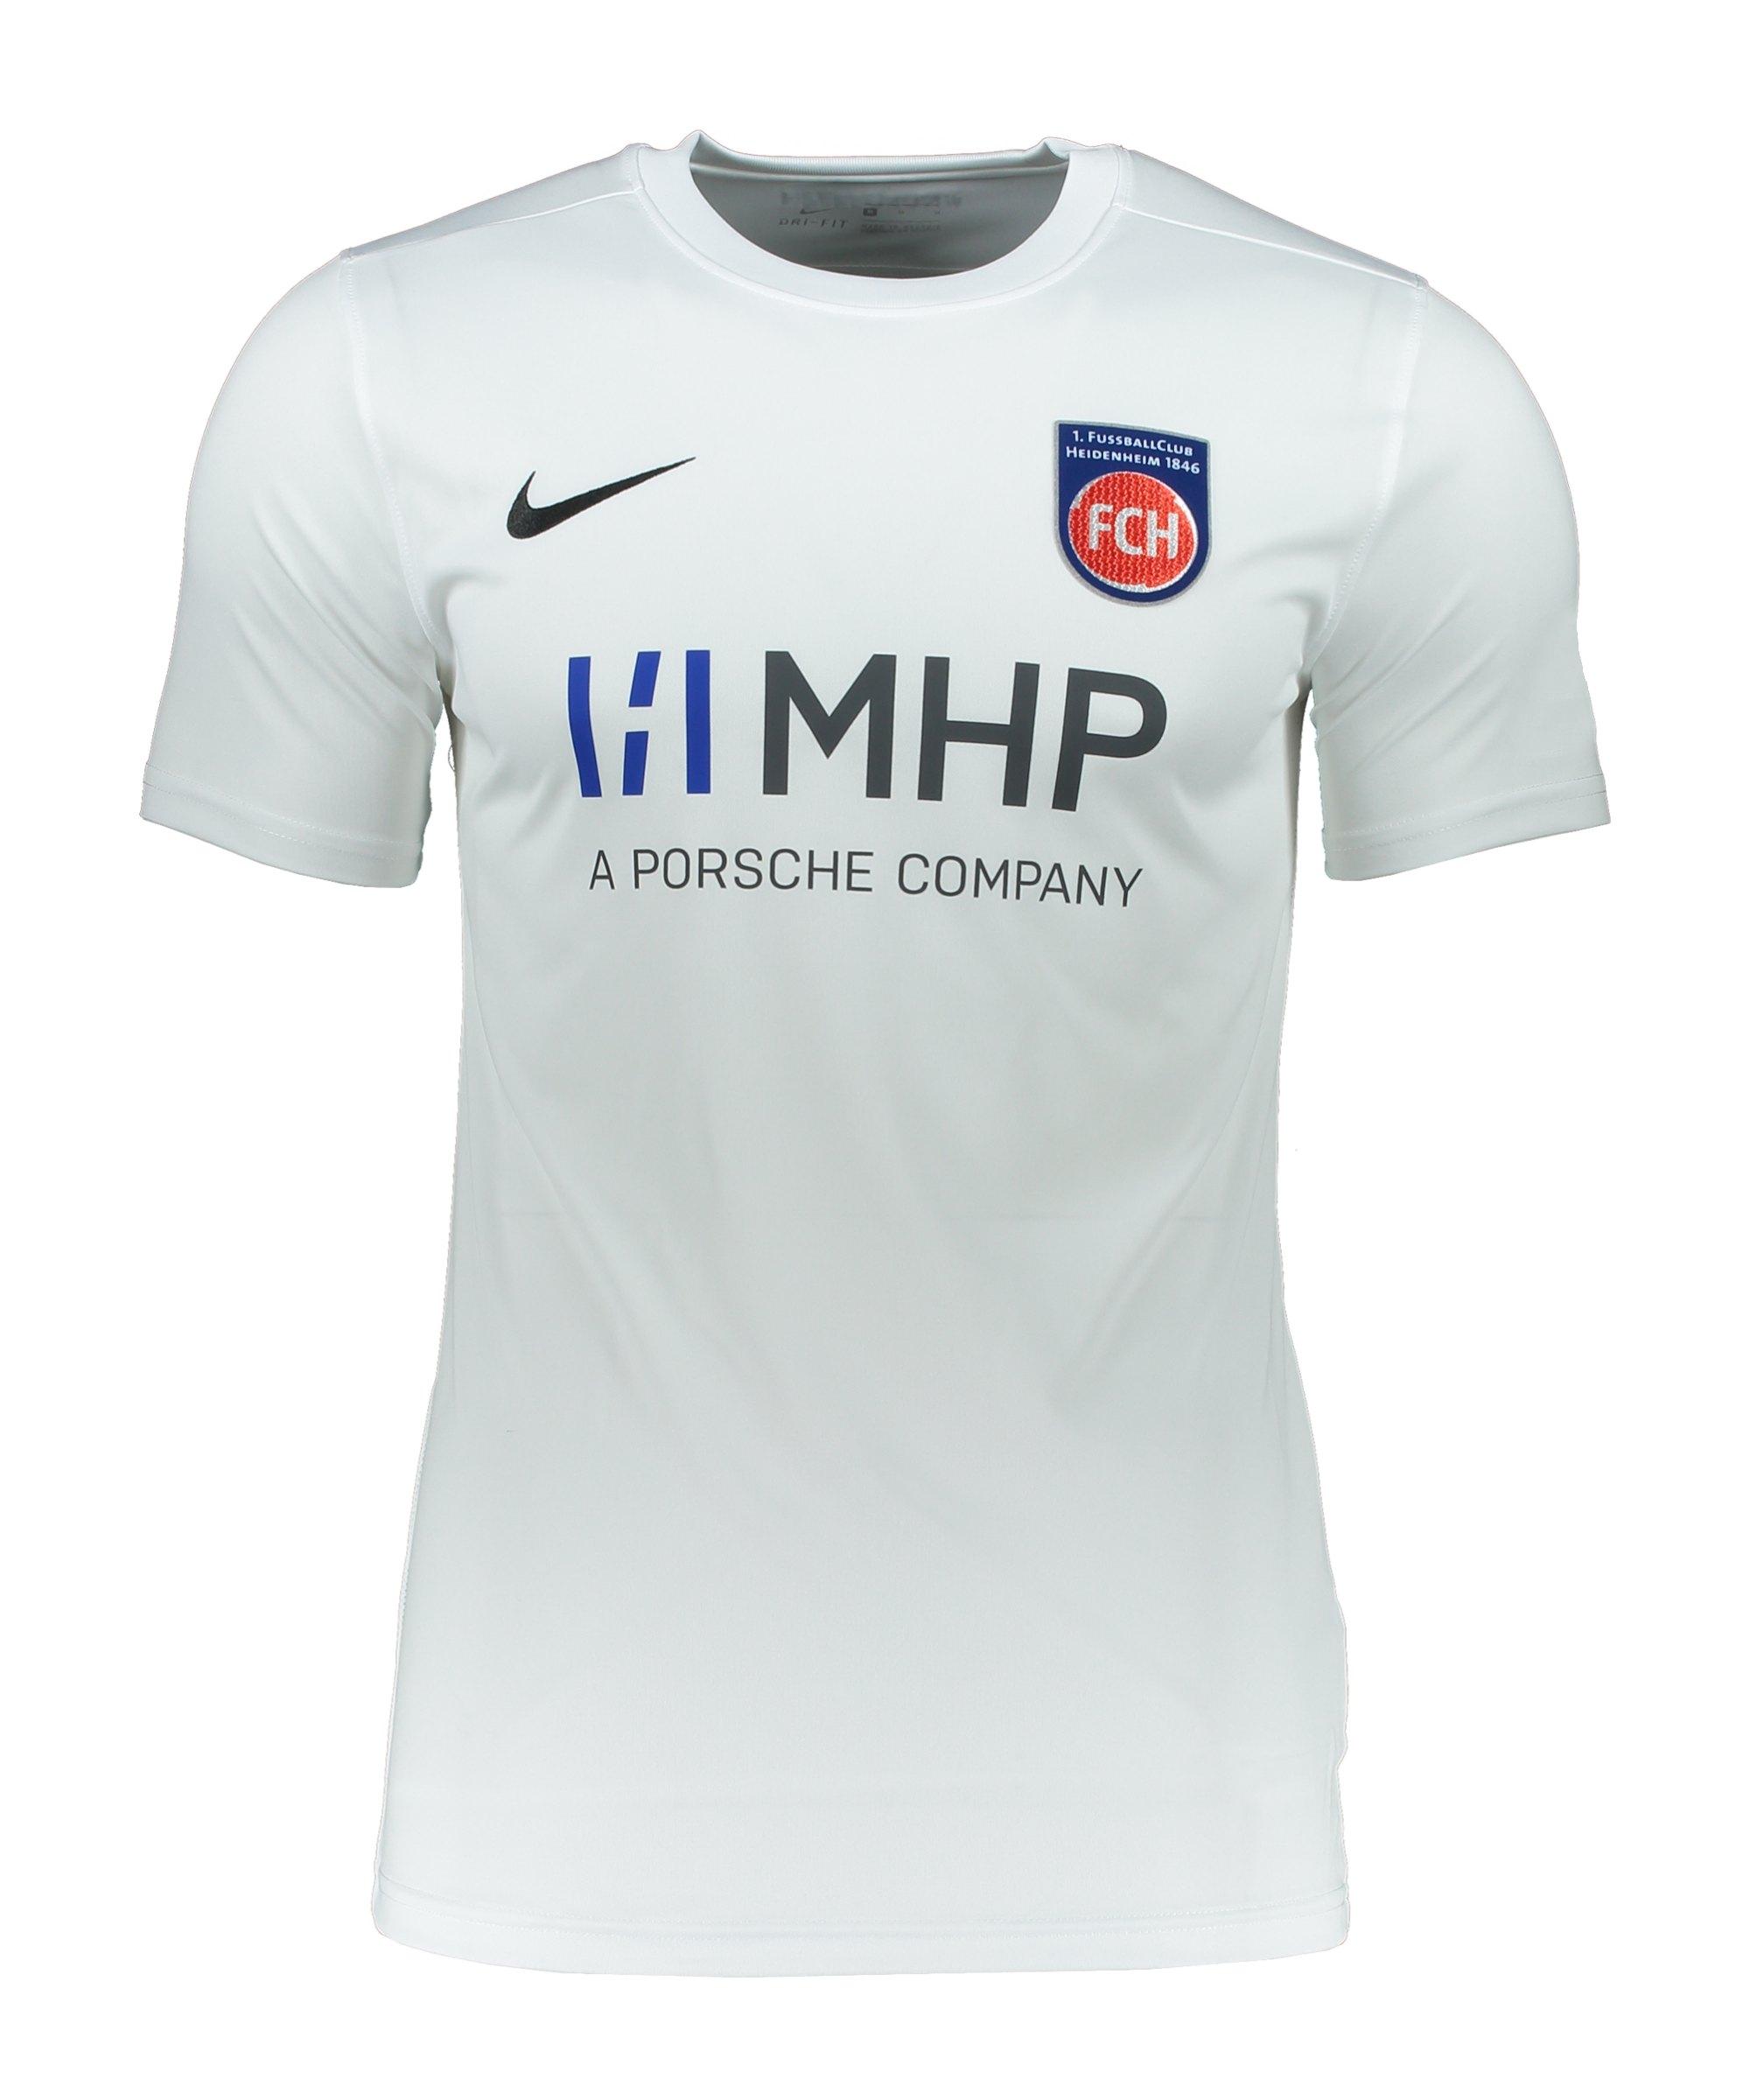 Nike 1. FC Heidenheim Trikot 3rd 2021/2022 Weiss F100 - weiss